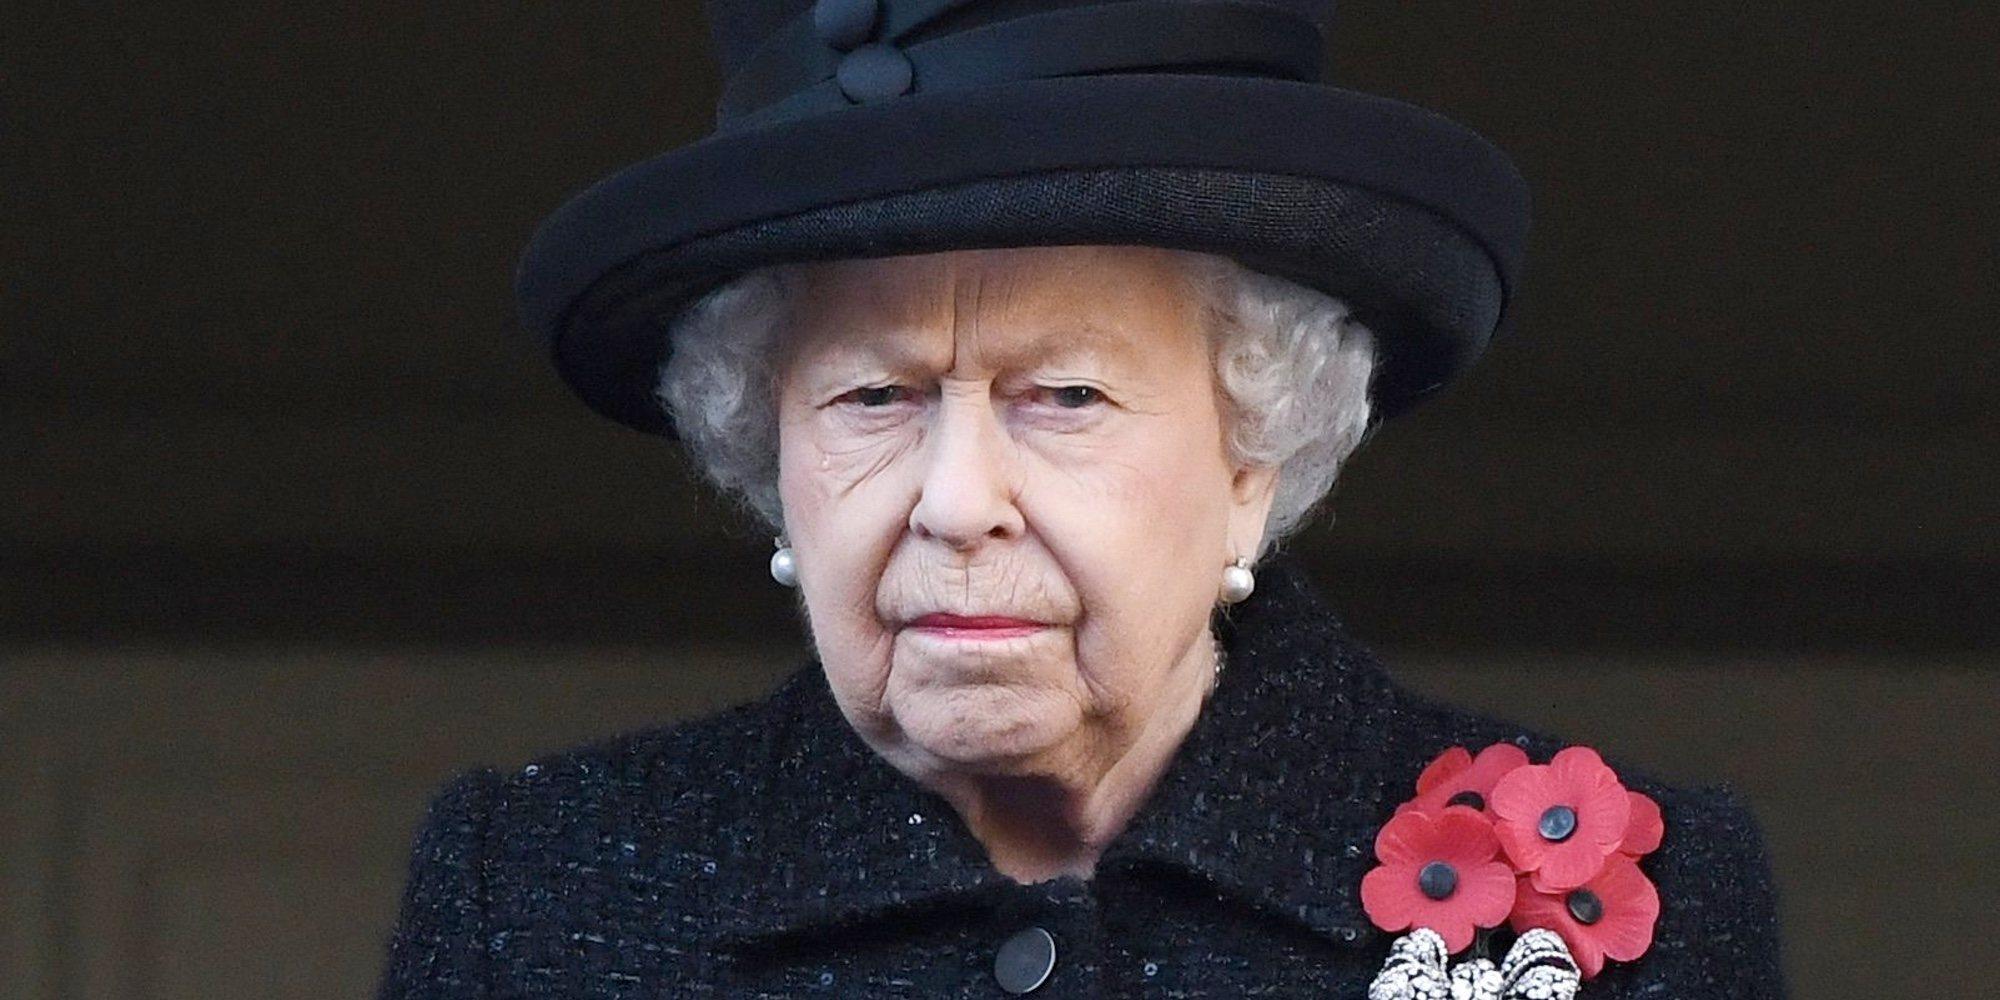 Los escándalos de la Familia Real Británica que amargan los últimos años de reinado de la Reina Isabel